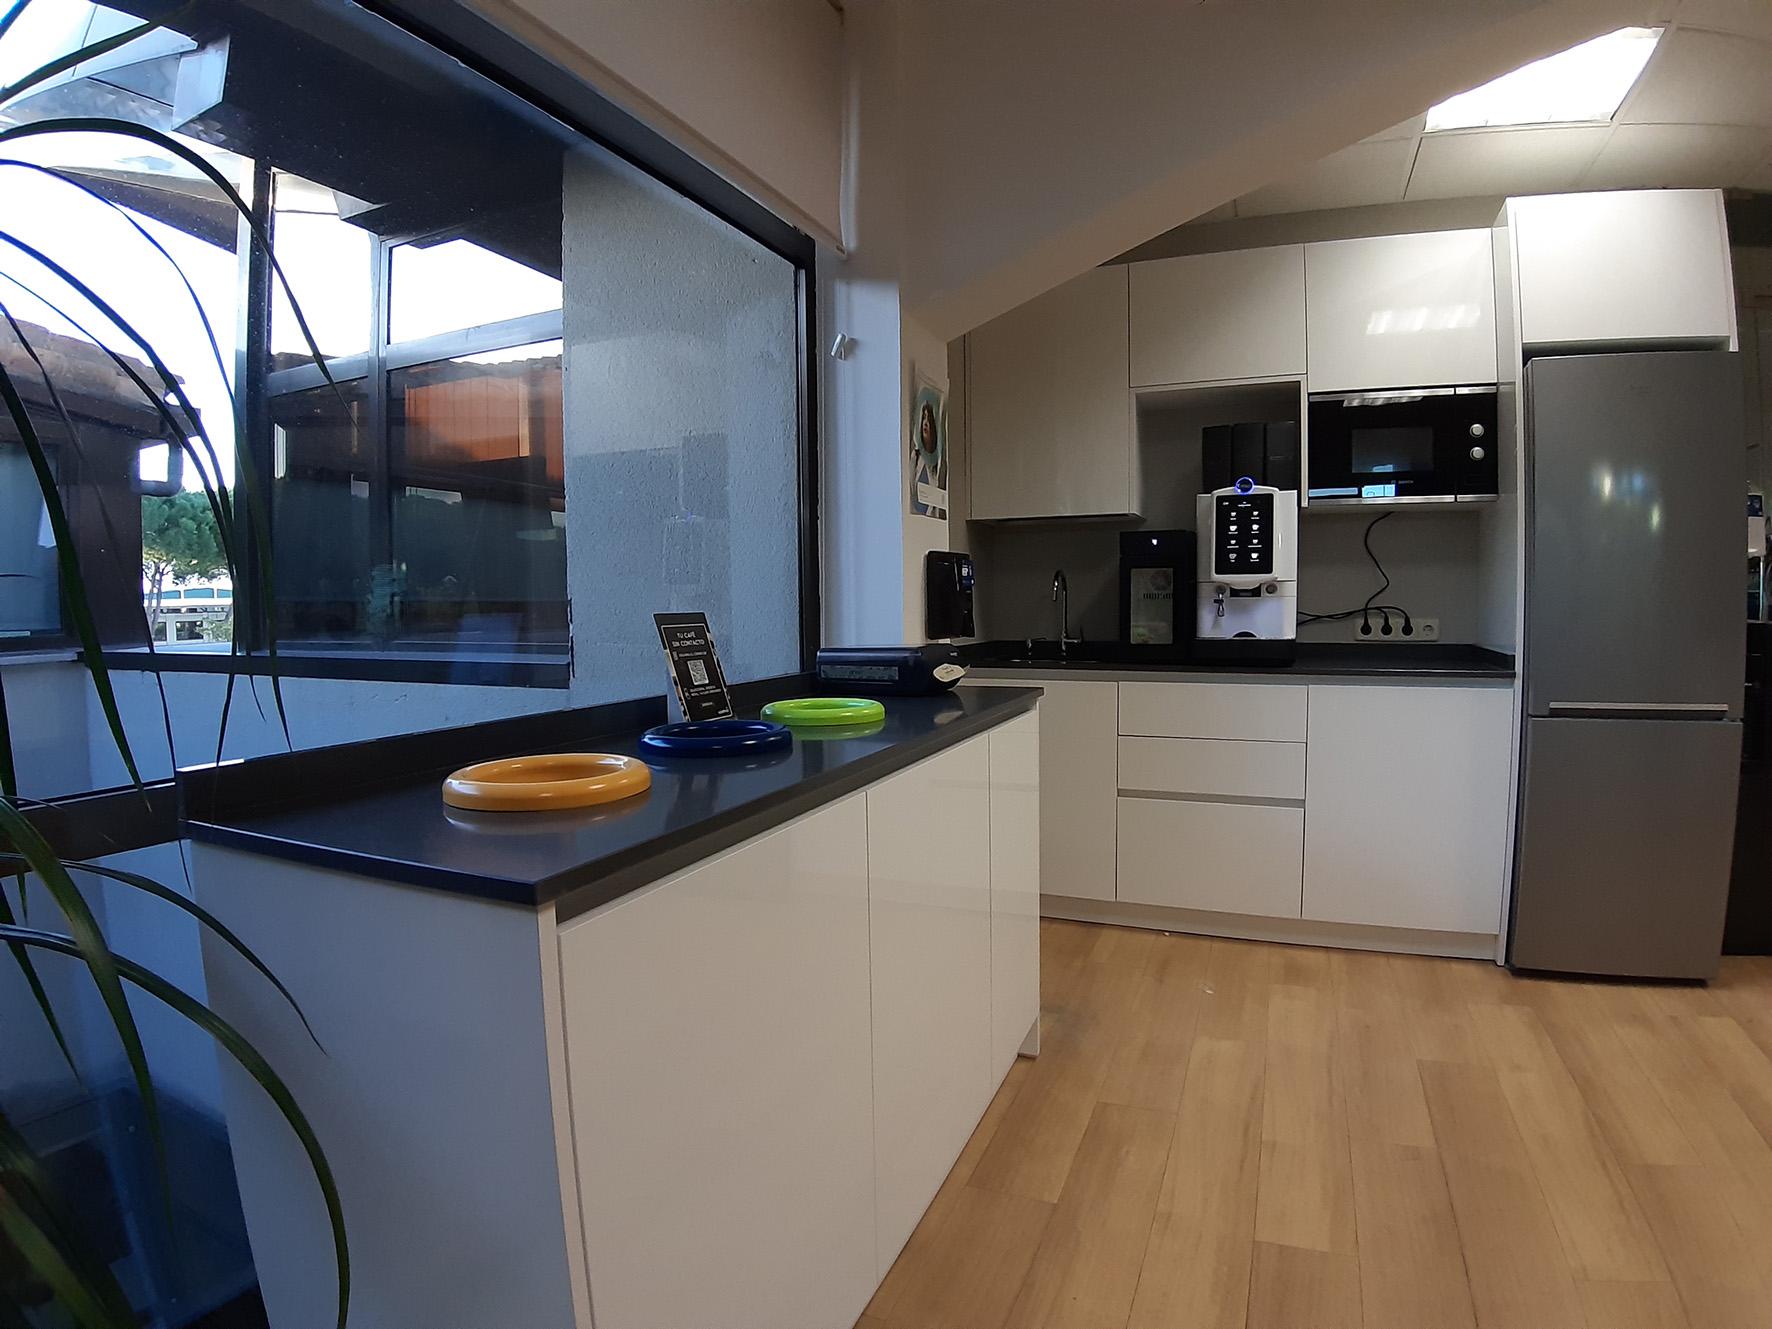 FABRICACION-INSTALACION-MOBILIARIO-COCINAS-MUEBLES-A-MEDIDA-COCINA-ELECTRODOMESTICOS-PARA-OFFICE-DE-EMPRESA-PARA-EMPLEADOS Aceroinnova, ha sido la encargada de diseñar, fabricar y montar un office de empresa para empleados con una cocina completa, maquinaria y el mobiliario accesorio. Aceroinnova es especialistas en el diseño, fabricación e instalación de todo tipo de mobiliario y maquinaria para cocinas profesionales de restaurantes, empresas y también para particulares. Aceroinnova, tiene diversos departamentos en función del tipo de cliente y necesidades de los mismos, ya sea para hostelería o para particulares. Consúltenos.